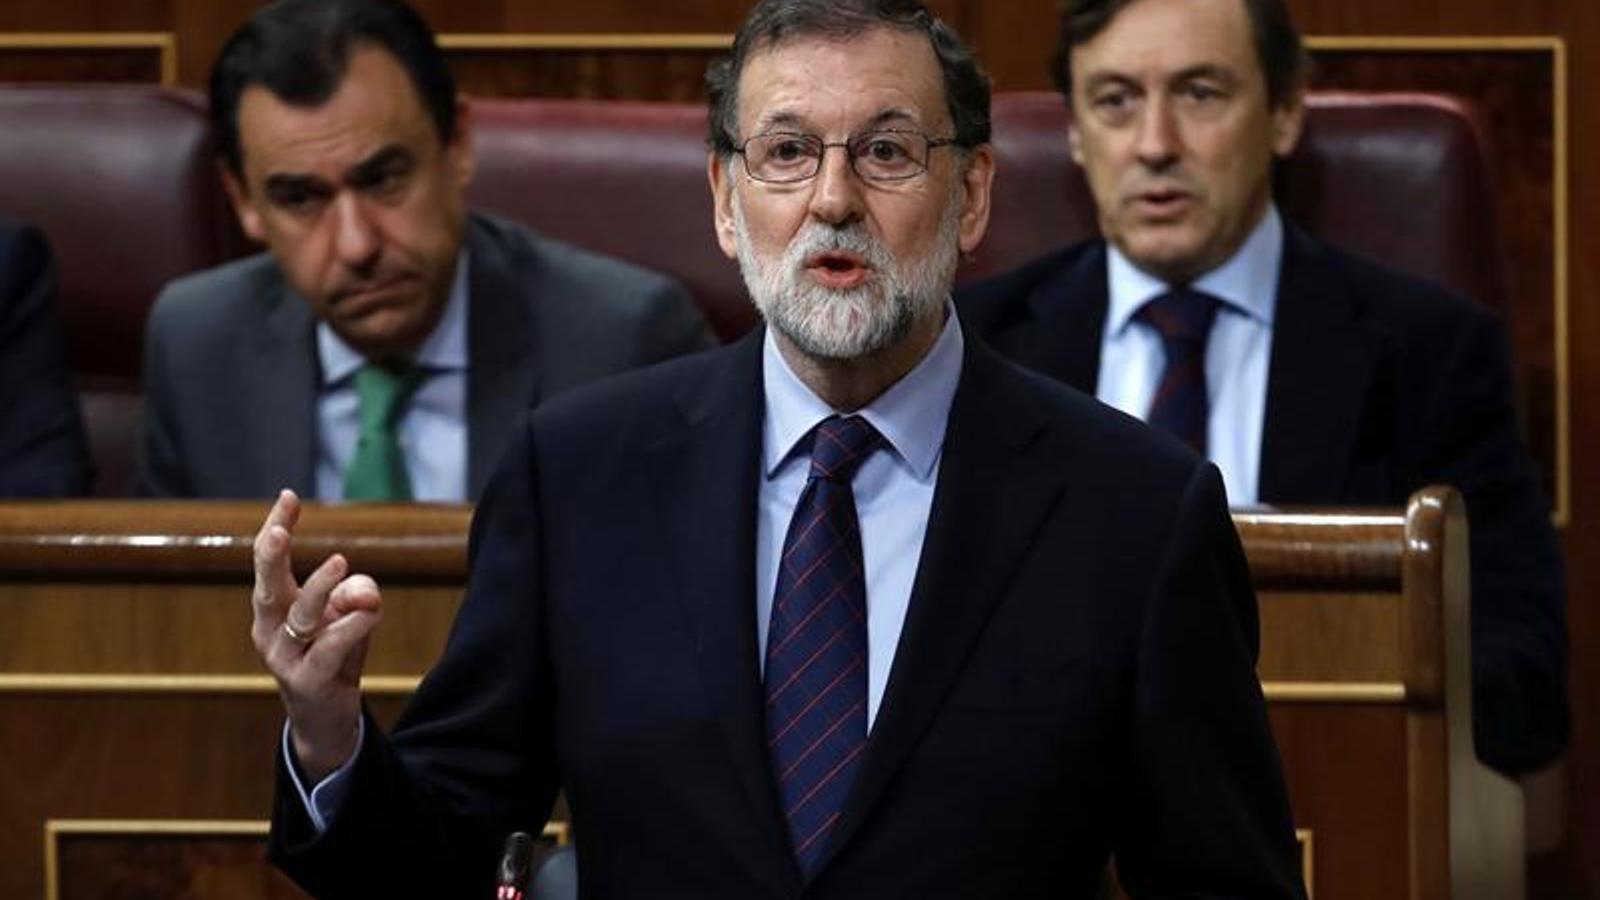 El president del govern espanyol, Mariano Rajoy, a la sessió de control al Congrés.